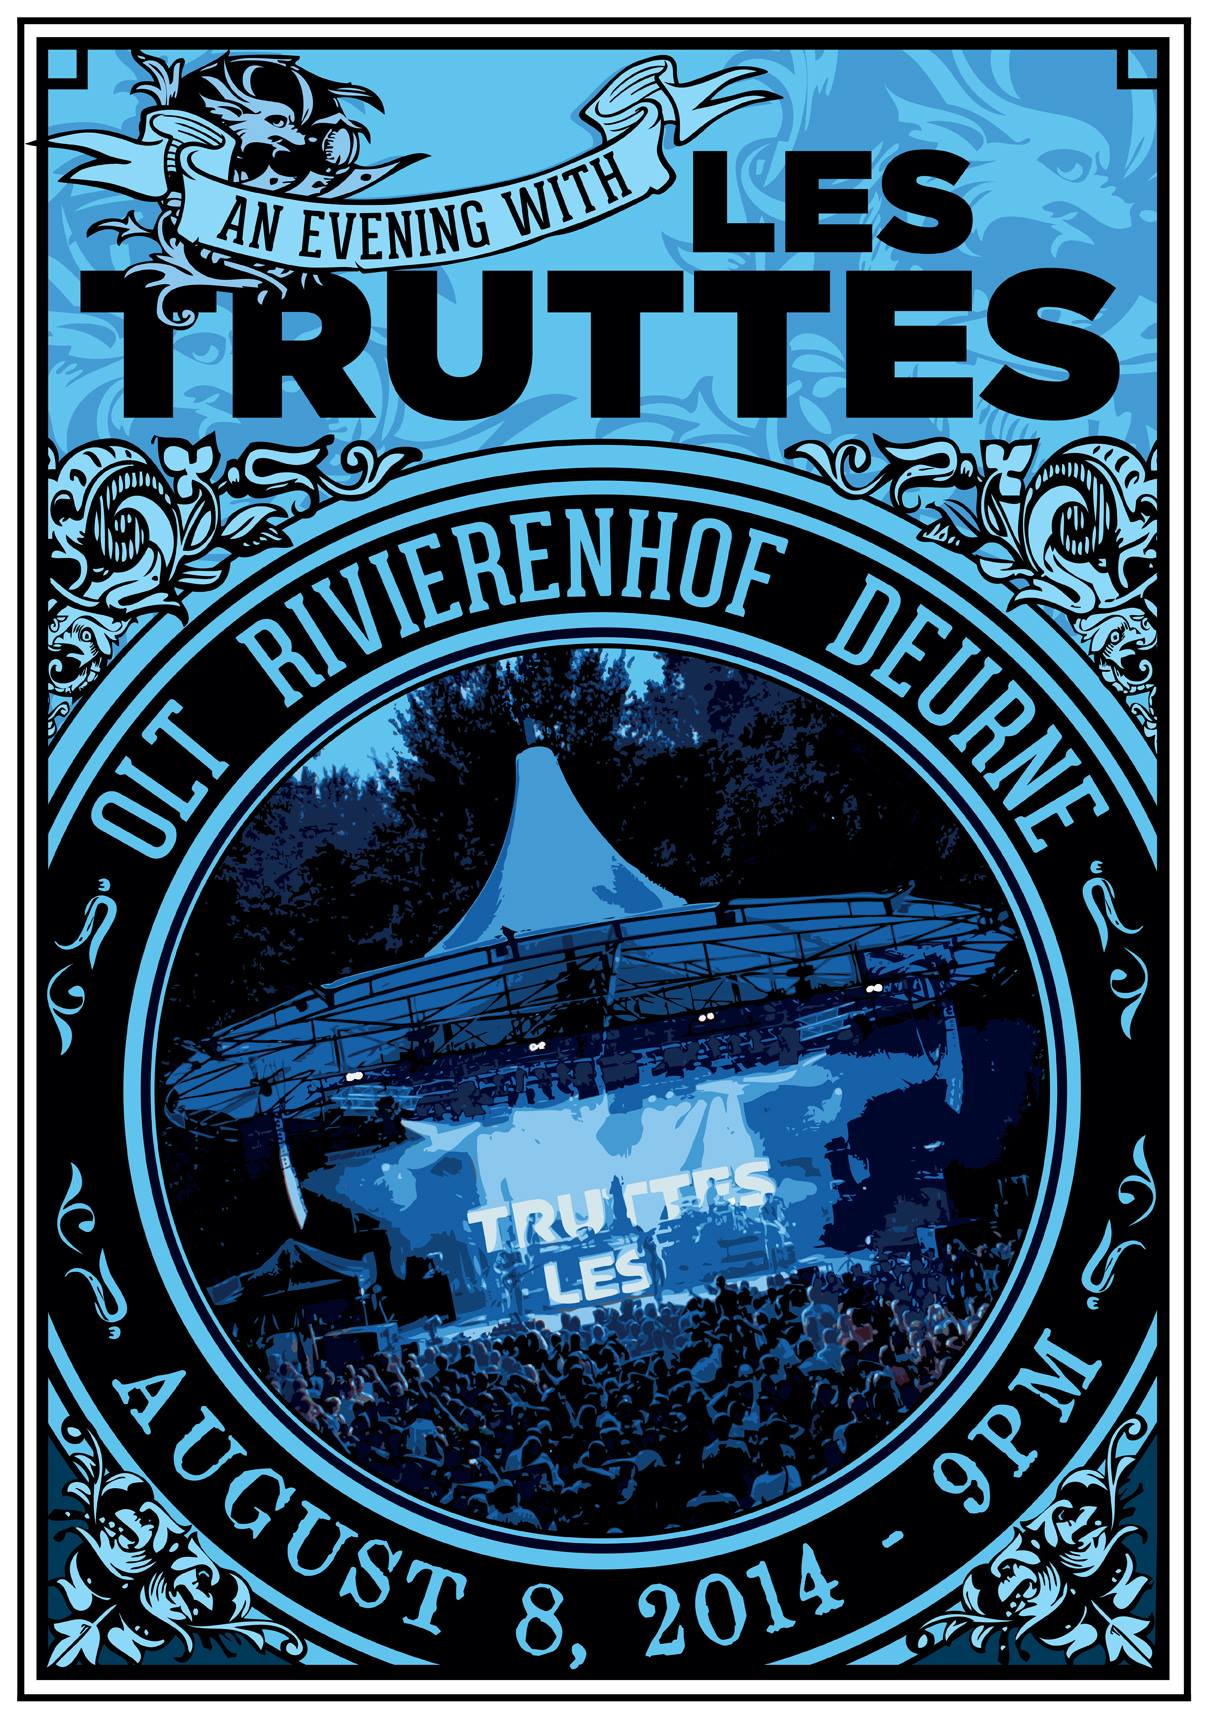 poster Les Truttes